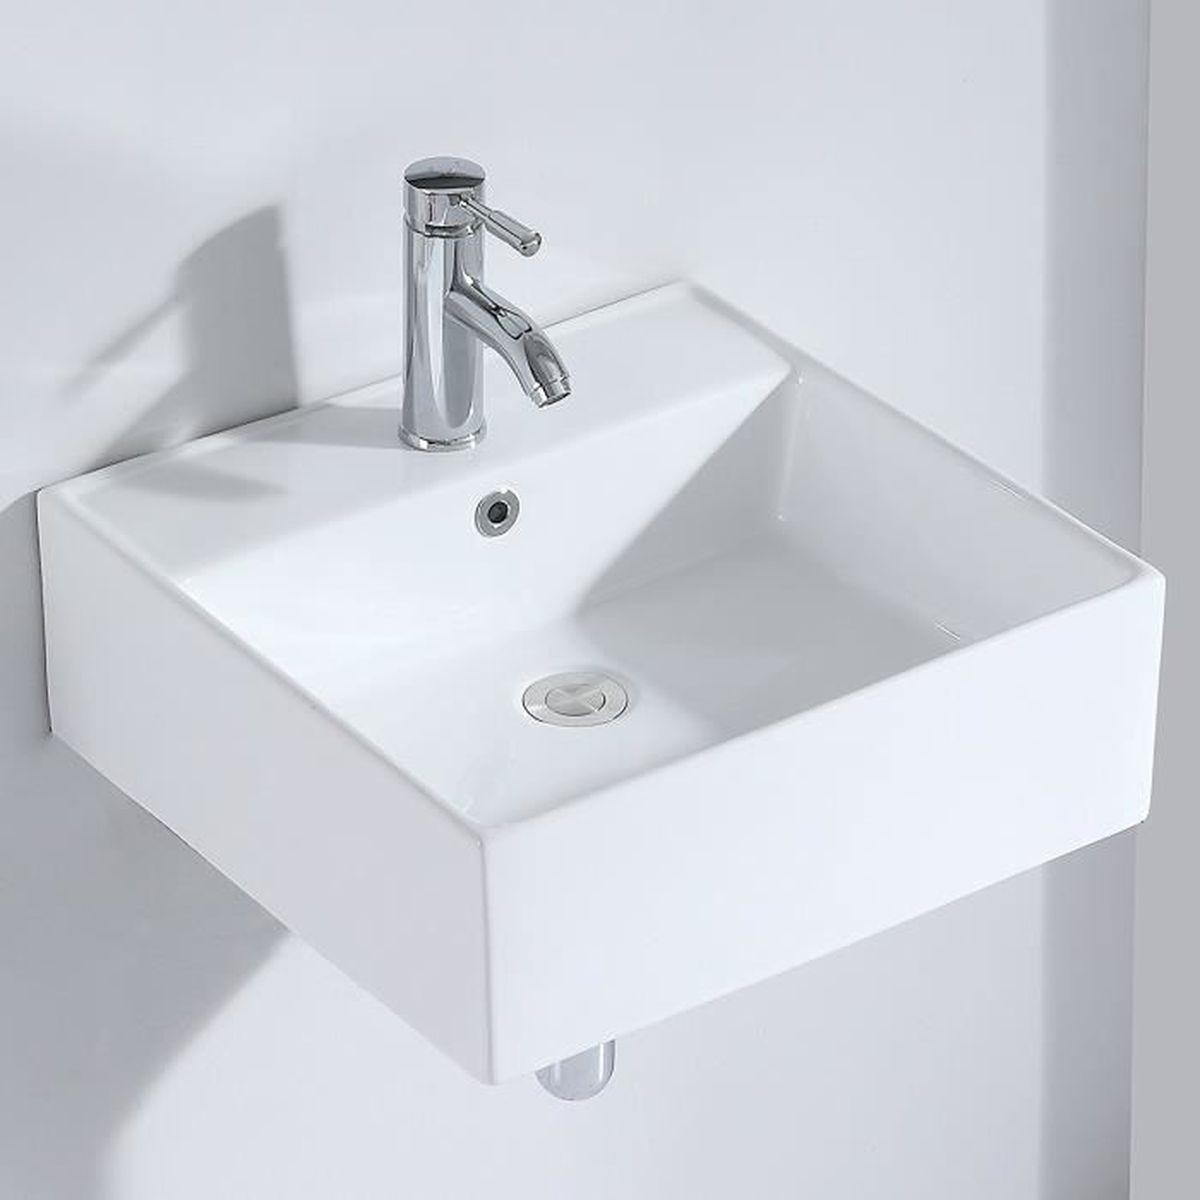 Vasque Salle De Bain A Suspendre eridanus série penn, vasque à poser carrée lavabo suspendu